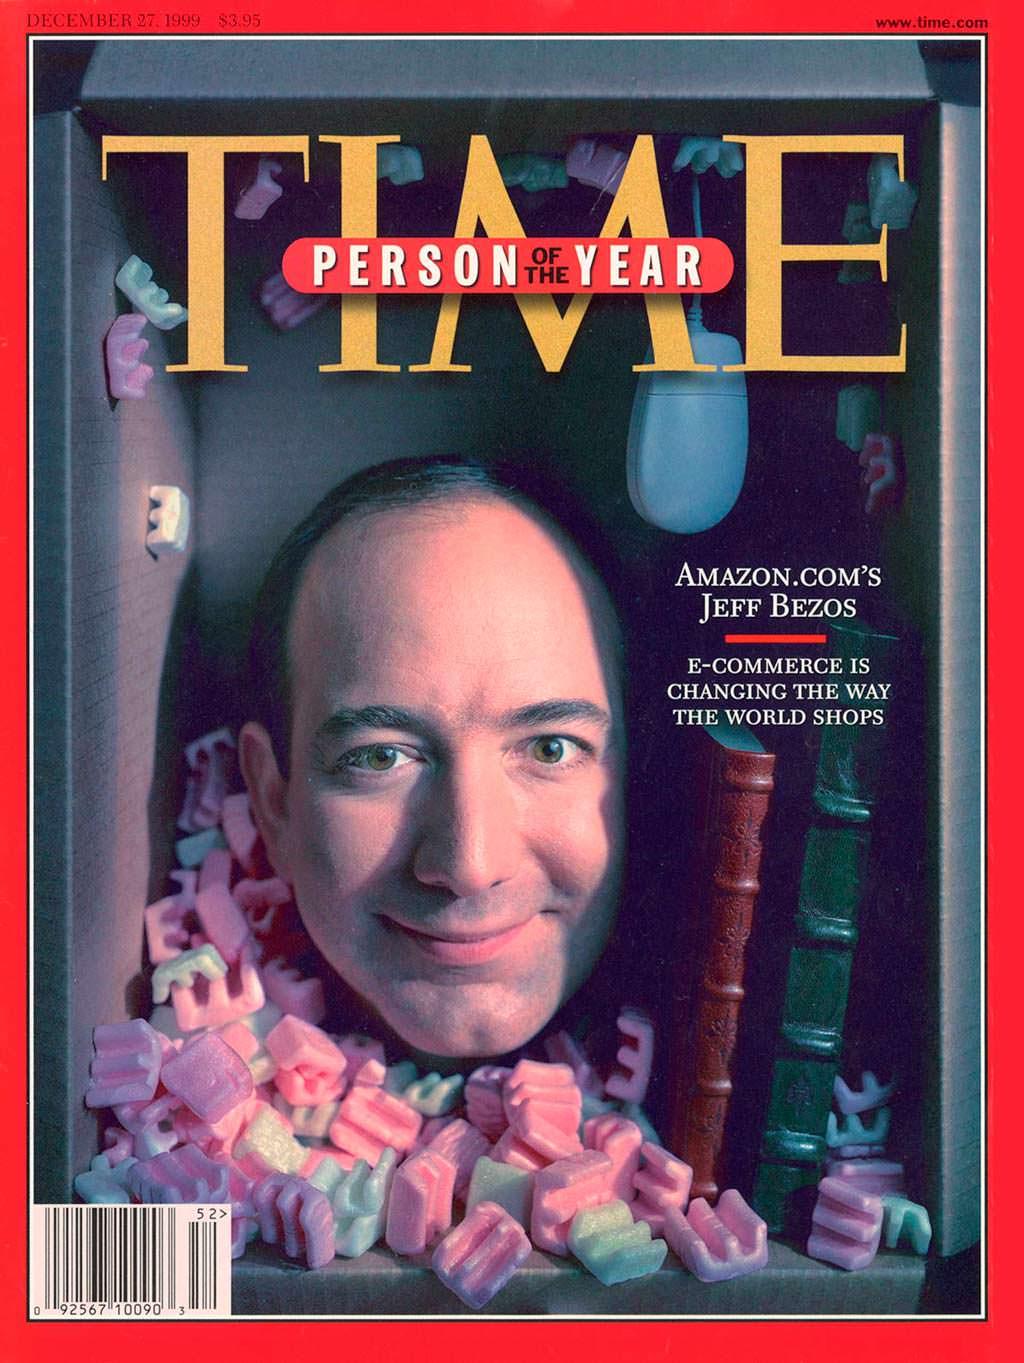 1999 год. Основатель Amazon.com Джефри Бэзос на обложке Time